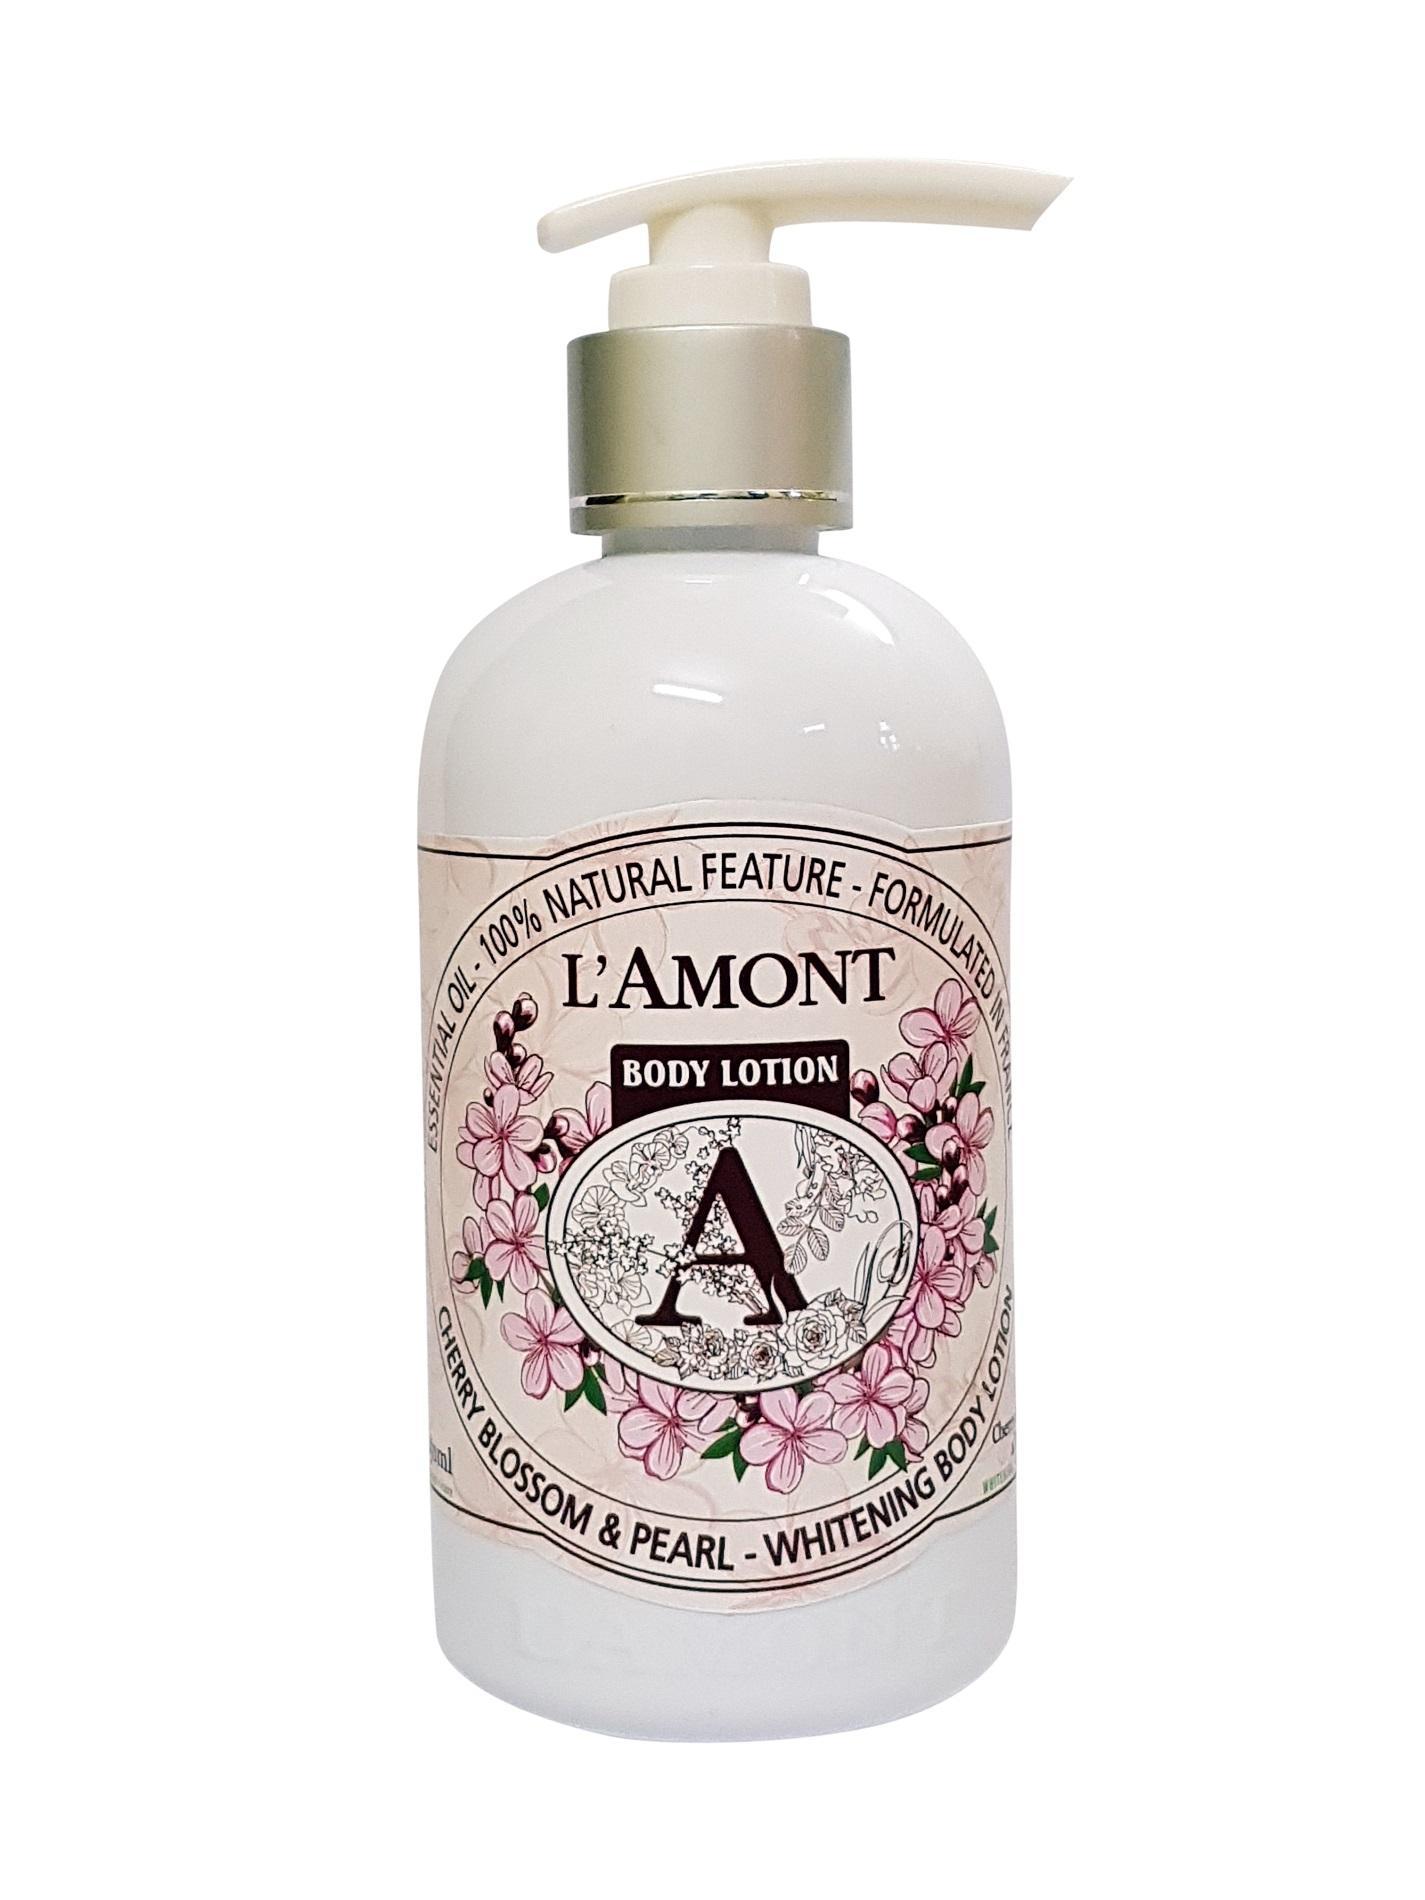 Sữa Dưỡng Thể Lamont En Provence Cherry Blossom & Pearl Whitening Body Lotion Hương Hoa Anh Đào Chai 250ml nhập khẩu